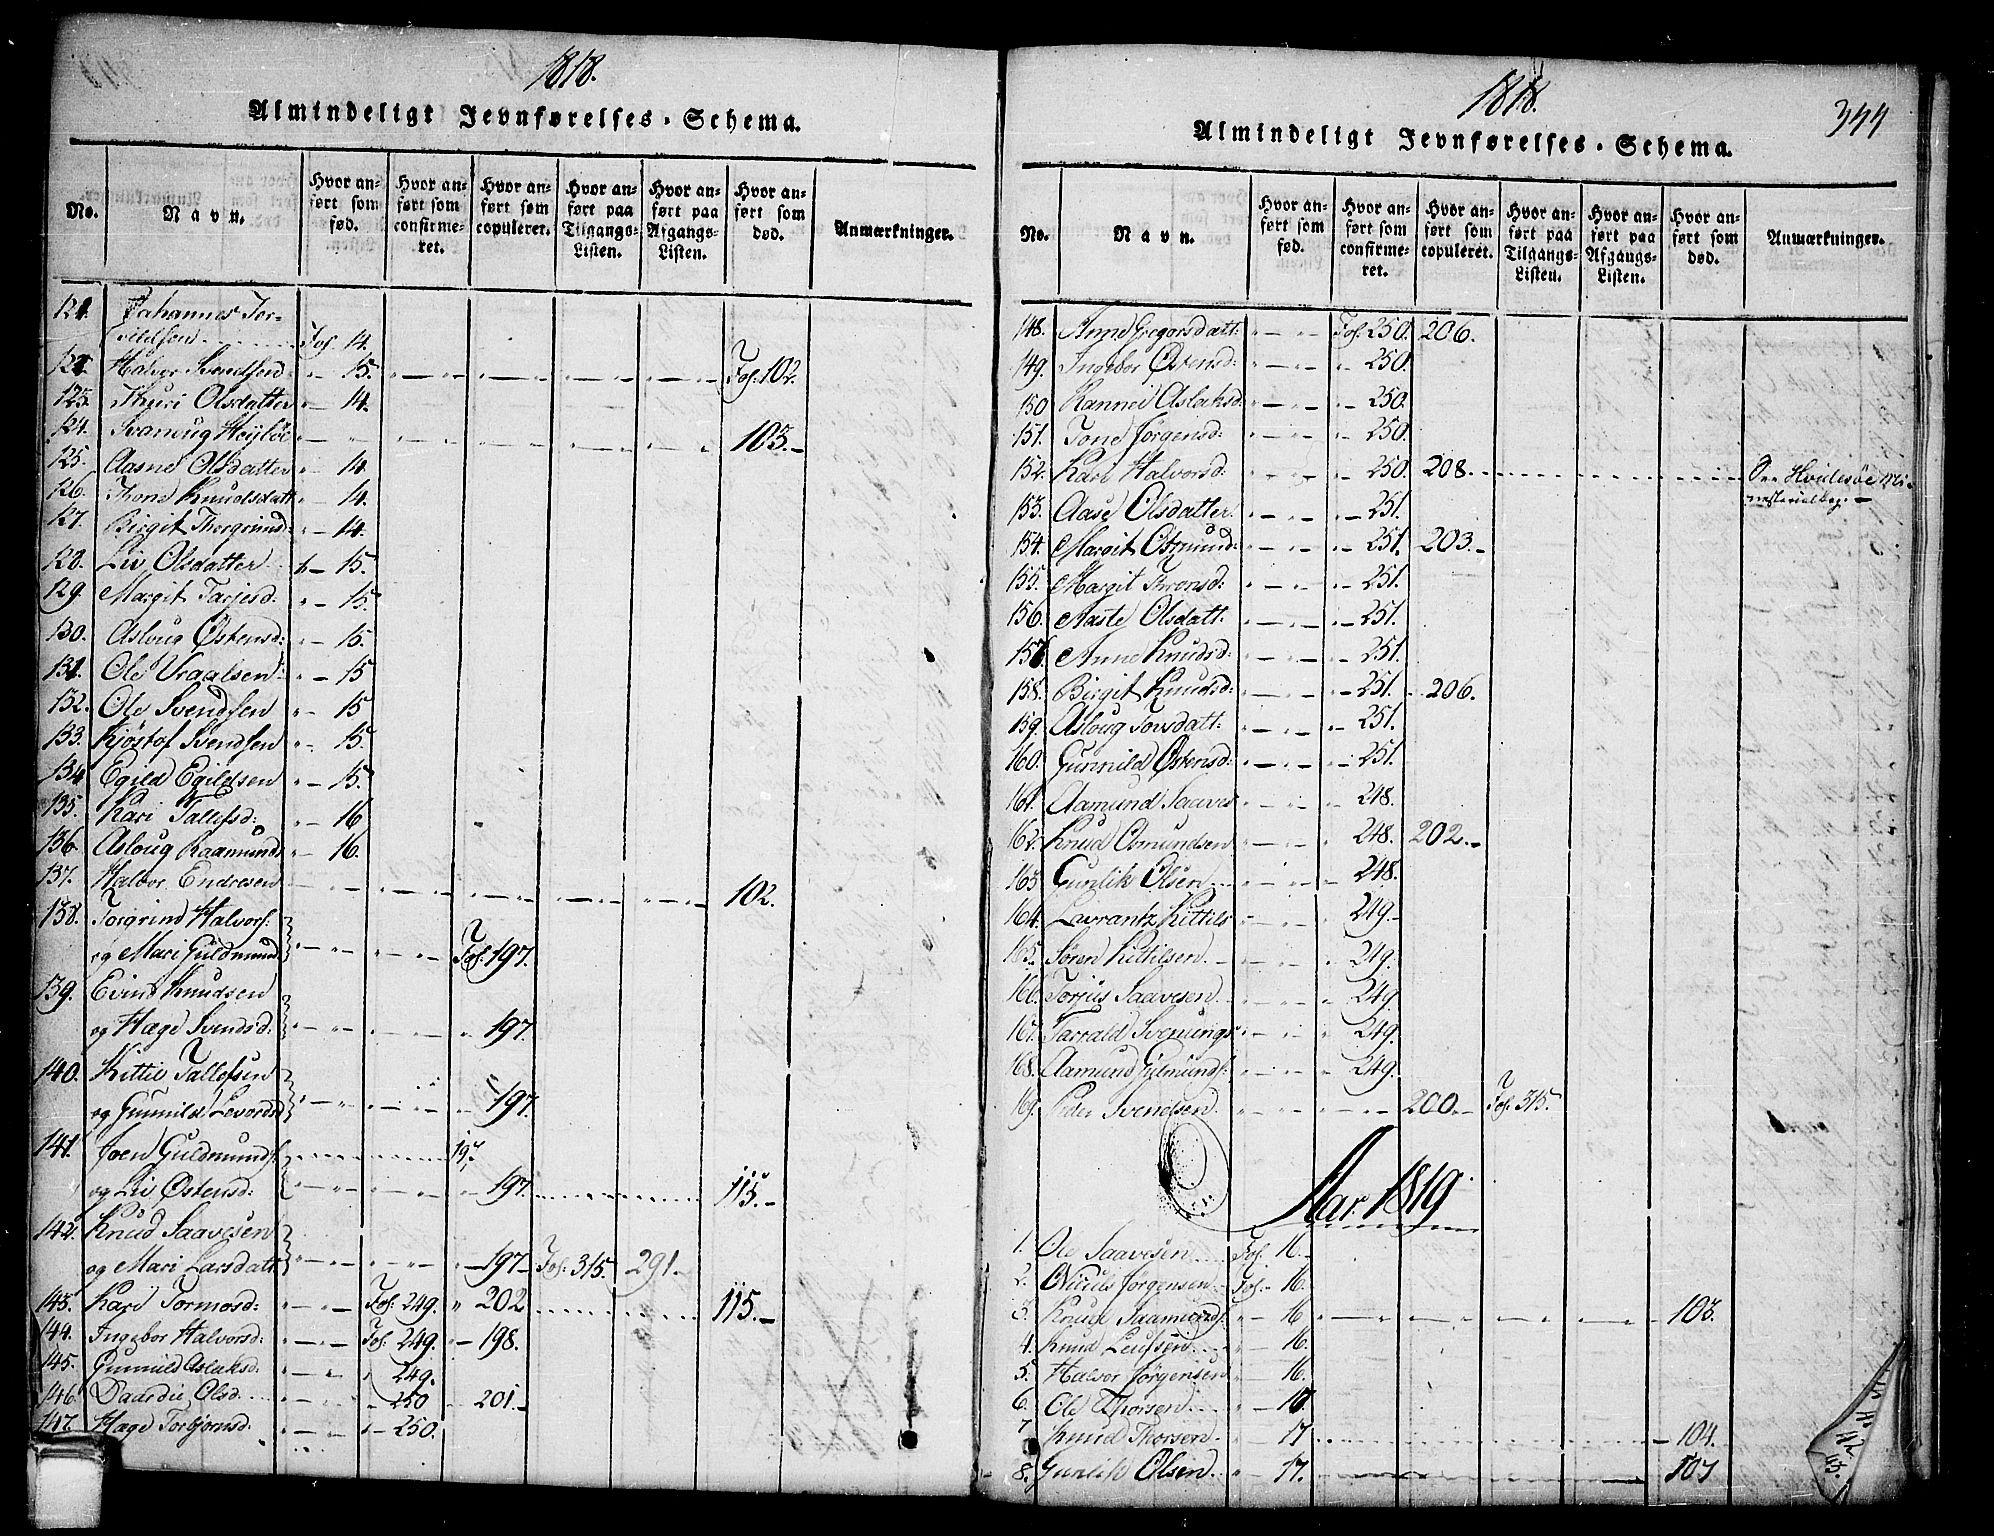 SAKO, Kviteseid kirkebøker, G/Gb/L0001: Klokkerbok nr. II 1, 1815-1842, s. 344